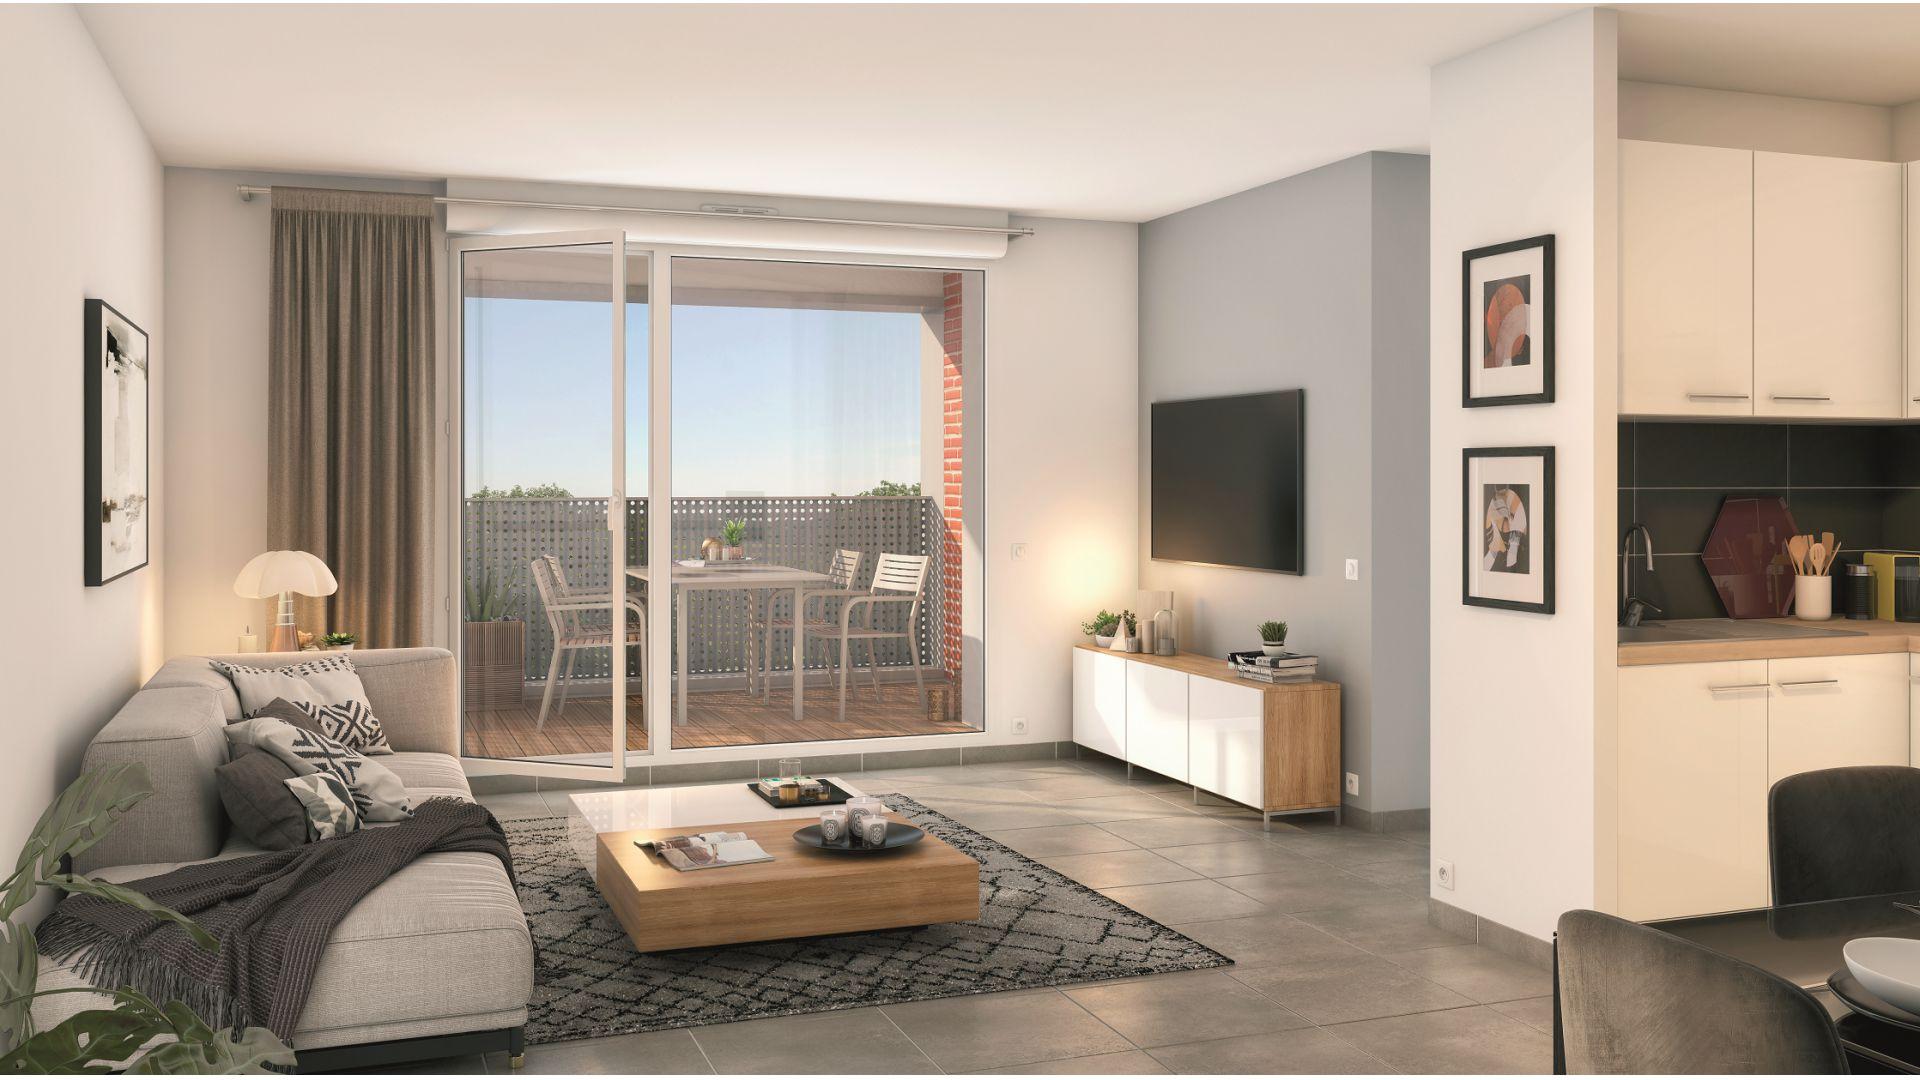 GreenCity immobilier - Saint-Jory - 31790 - Résidence Le Mas Séréna - appartements neufs du T2 au T3  - vue intérieure